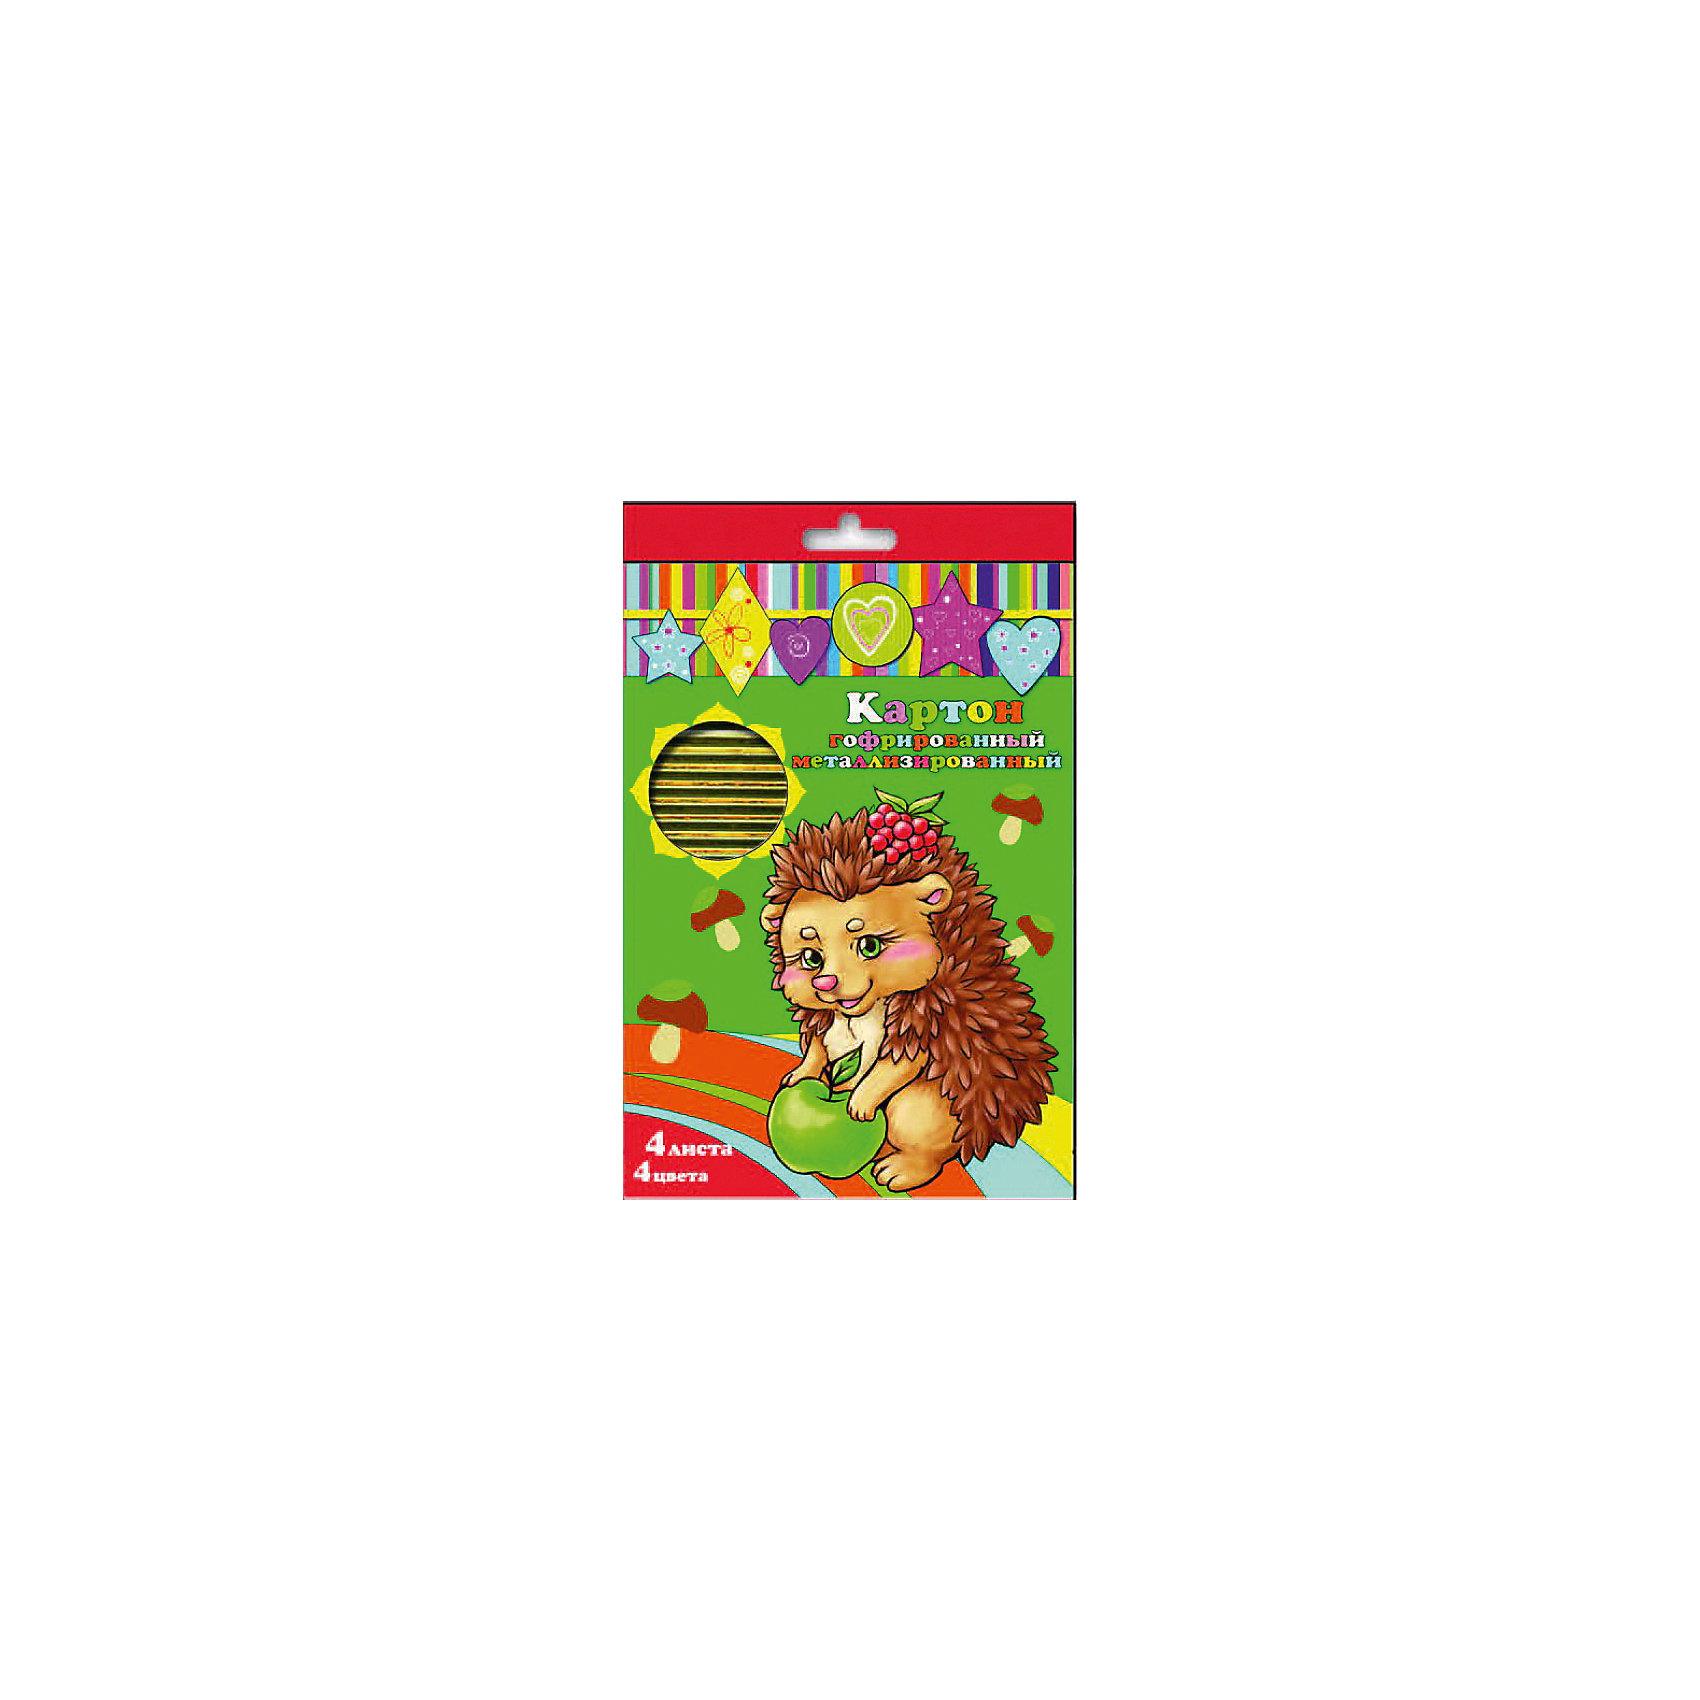 Картон цветной гофрированный металлизированный, 4 л, 4 цвПрекрасный гофрированный картон для различных поделок!<br><br>Дополнительная информация:<br><br>- Возраст: от 3 лет.<br>- Формат: 21х29,7 см.<br>- 4 листа.<br>- 4 цвета: красный, золотой, зеленый, голубой.<br>- Размер упаковки: 30х22х0,1 см.<br>- Вес в упаковке: 70 г. <br><br>Купить цветной гофрированный металлизированный картон, можно в нашем магазине.<br><br>Ширина мм: 300<br>Глубина мм: 220<br>Высота мм: 1<br>Вес г: 70<br>Возраст от месяцев: 36<br>Возраст до месяцев: 2147483647<br>Пол: Унисекс<br>Возраст: Детский<br>SKU: 4943422